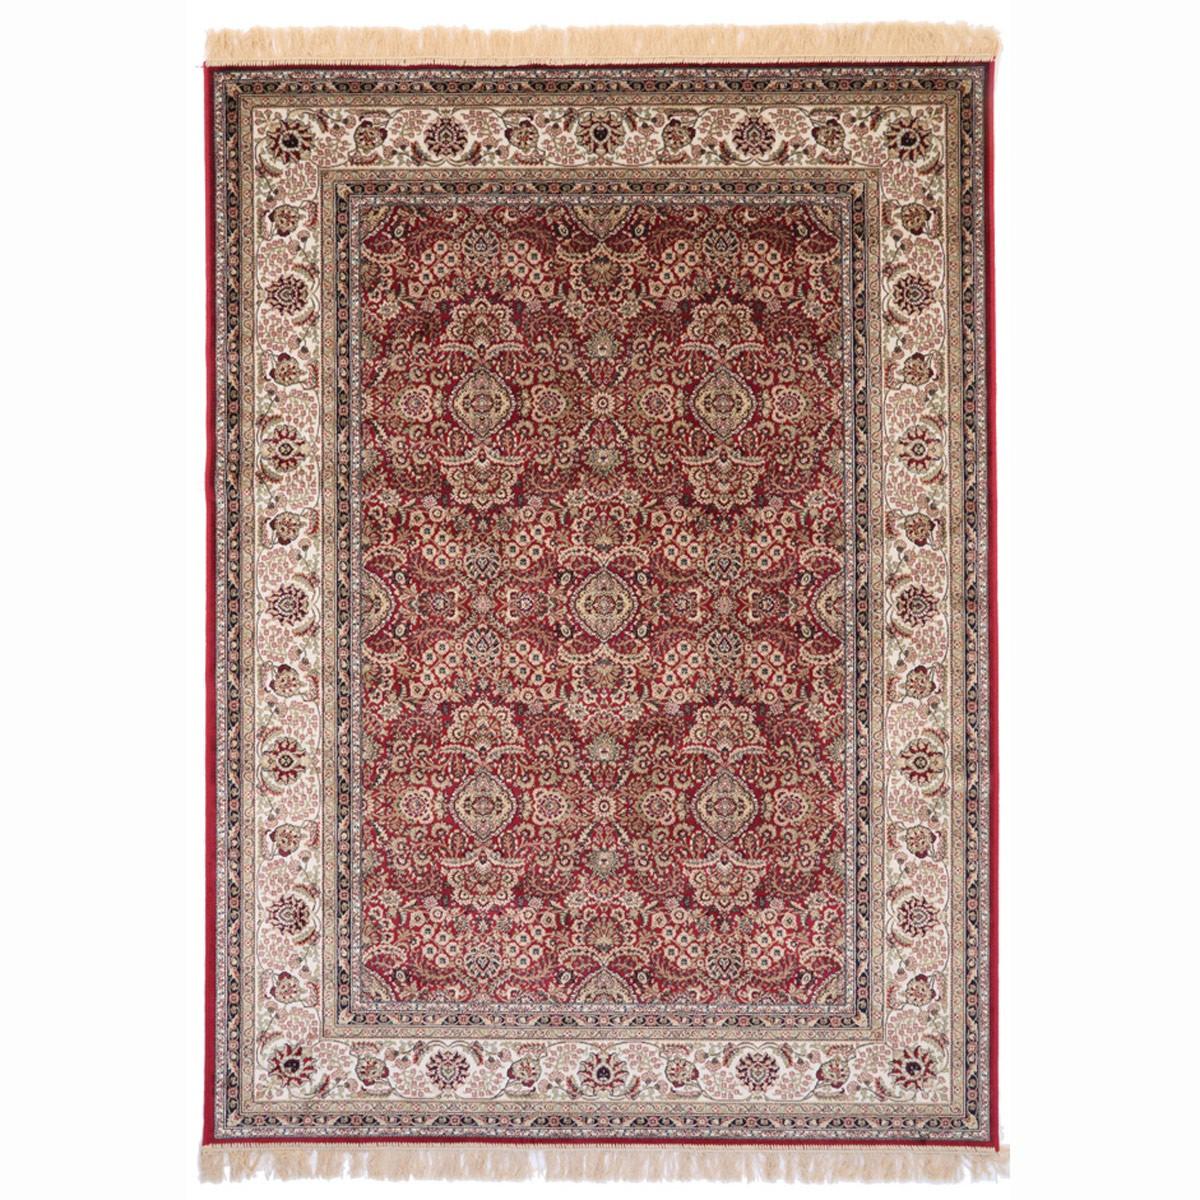 Καλοκαιρινό Χαλί (100x140) Royal Carpets Rubine 476 Red